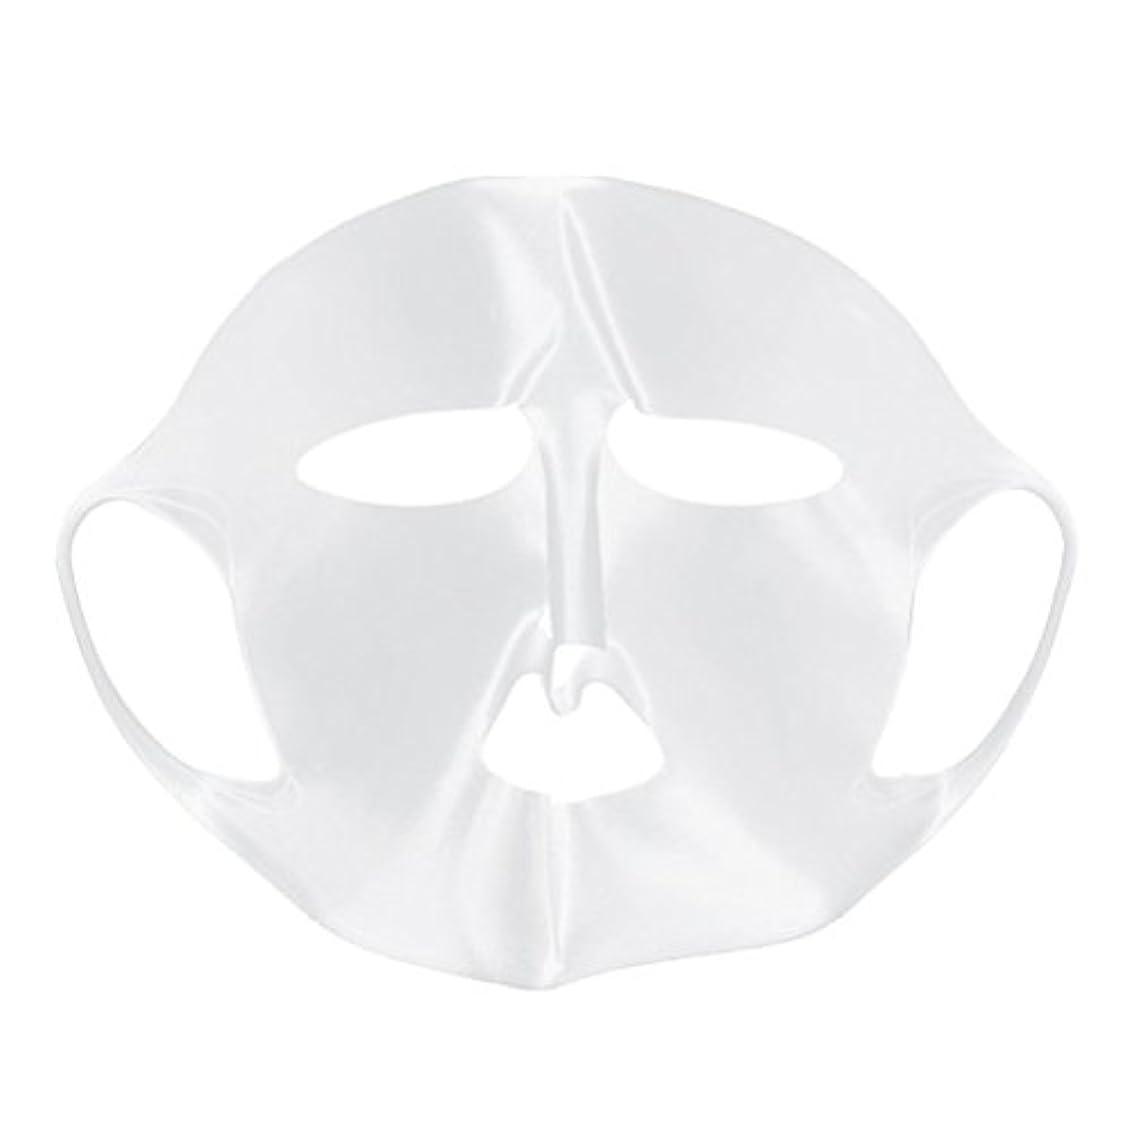 怒るあらゆる種類の聡明Beaupretty シートマスクカバーのためのシリコーンの再使用可能な顔のマスクカバー顔の保湿マスク